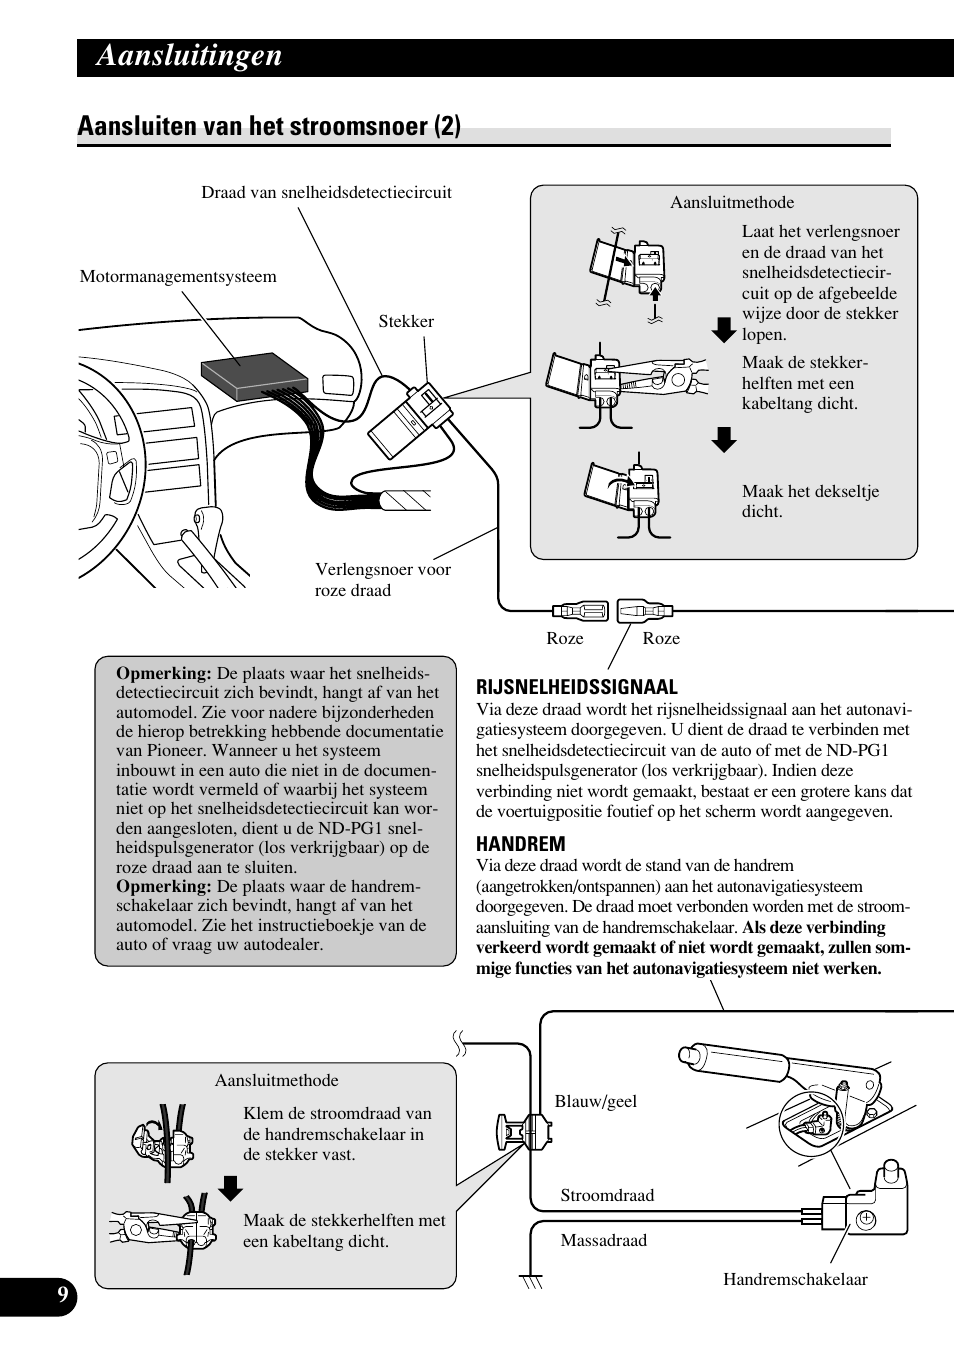 Aansluiten van het stroomsnoer (2), Aansluitingen